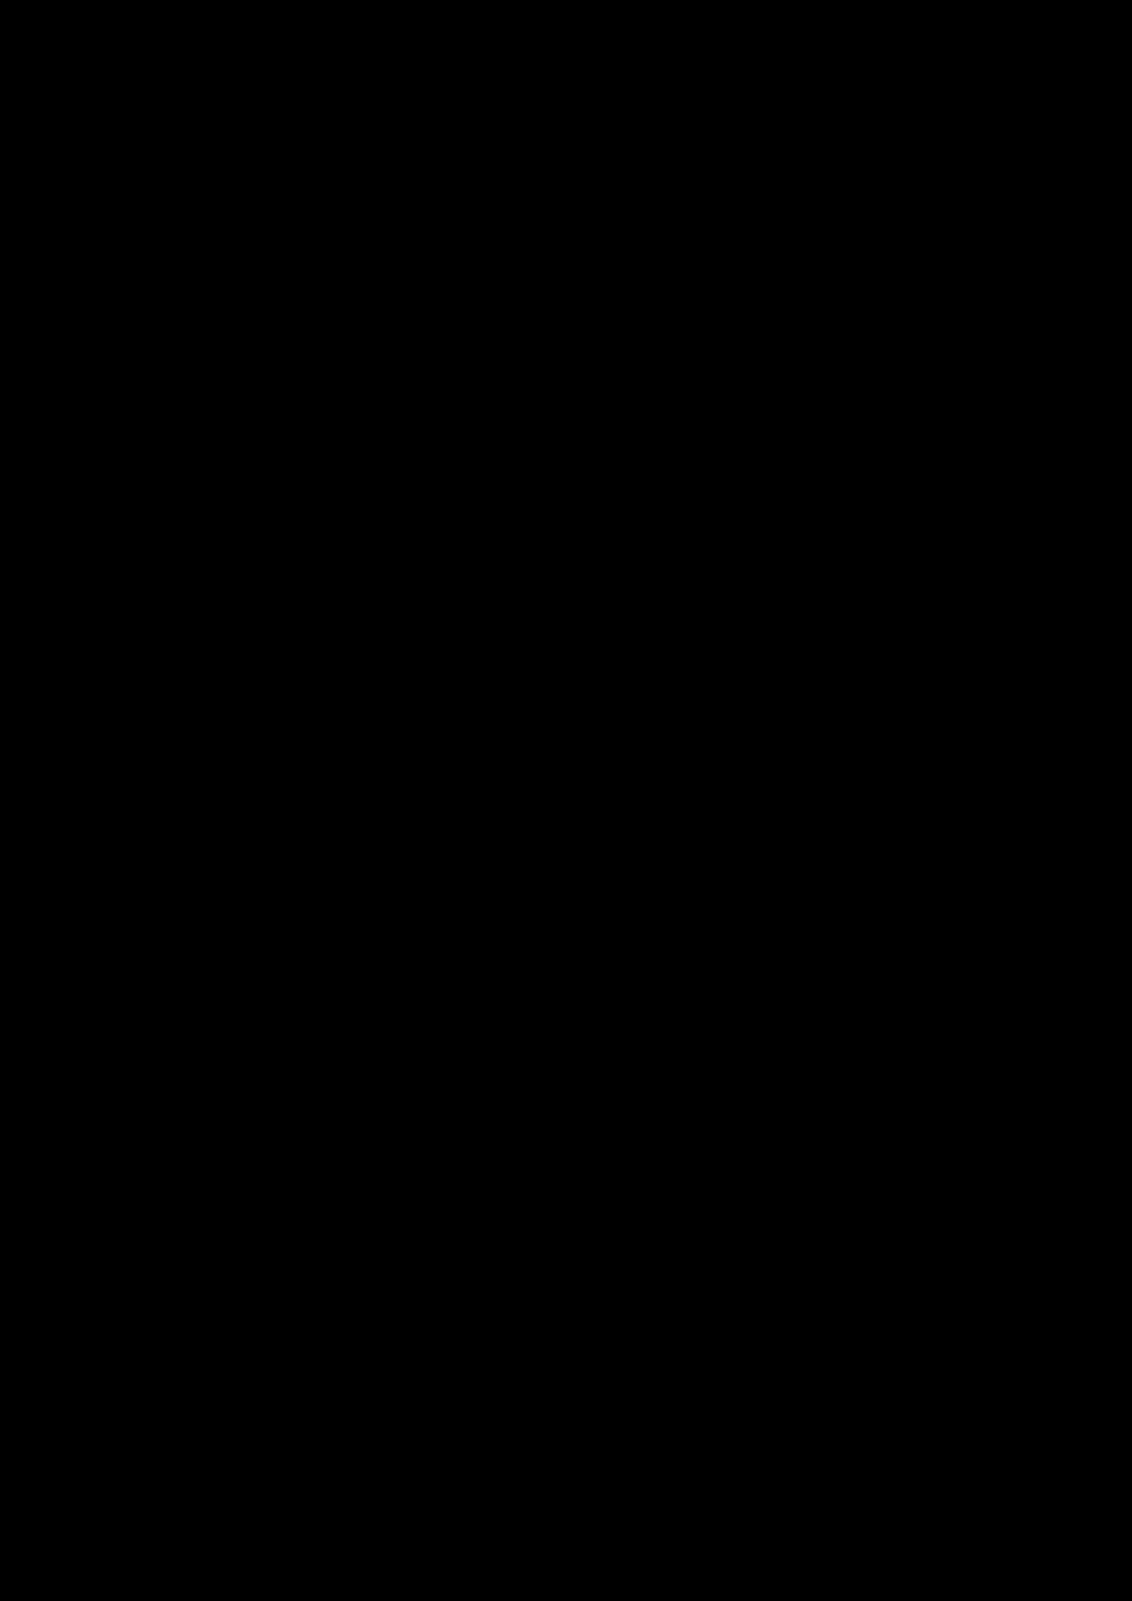 Zagadka volshebnoy stranyi slide, Image 86